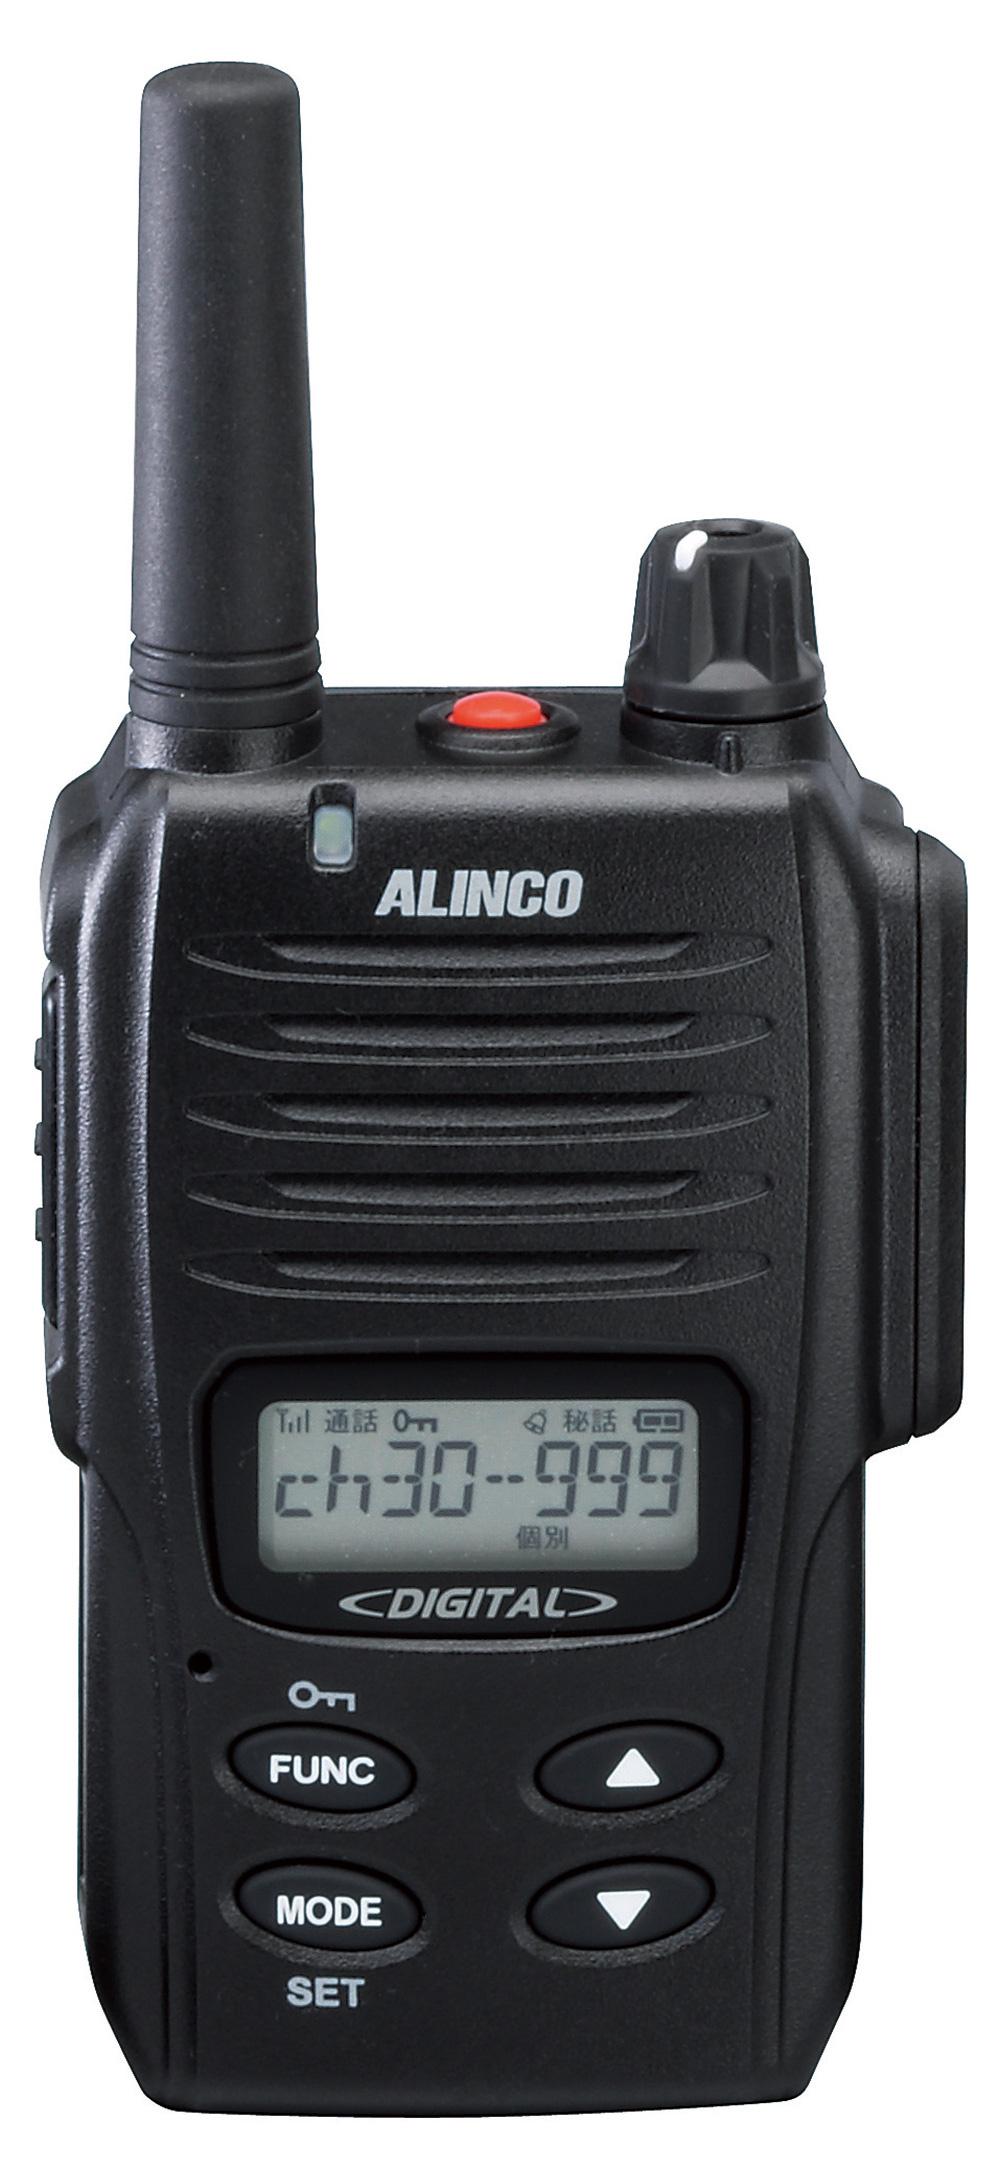 デジタル簡易無線機(登録局)1W